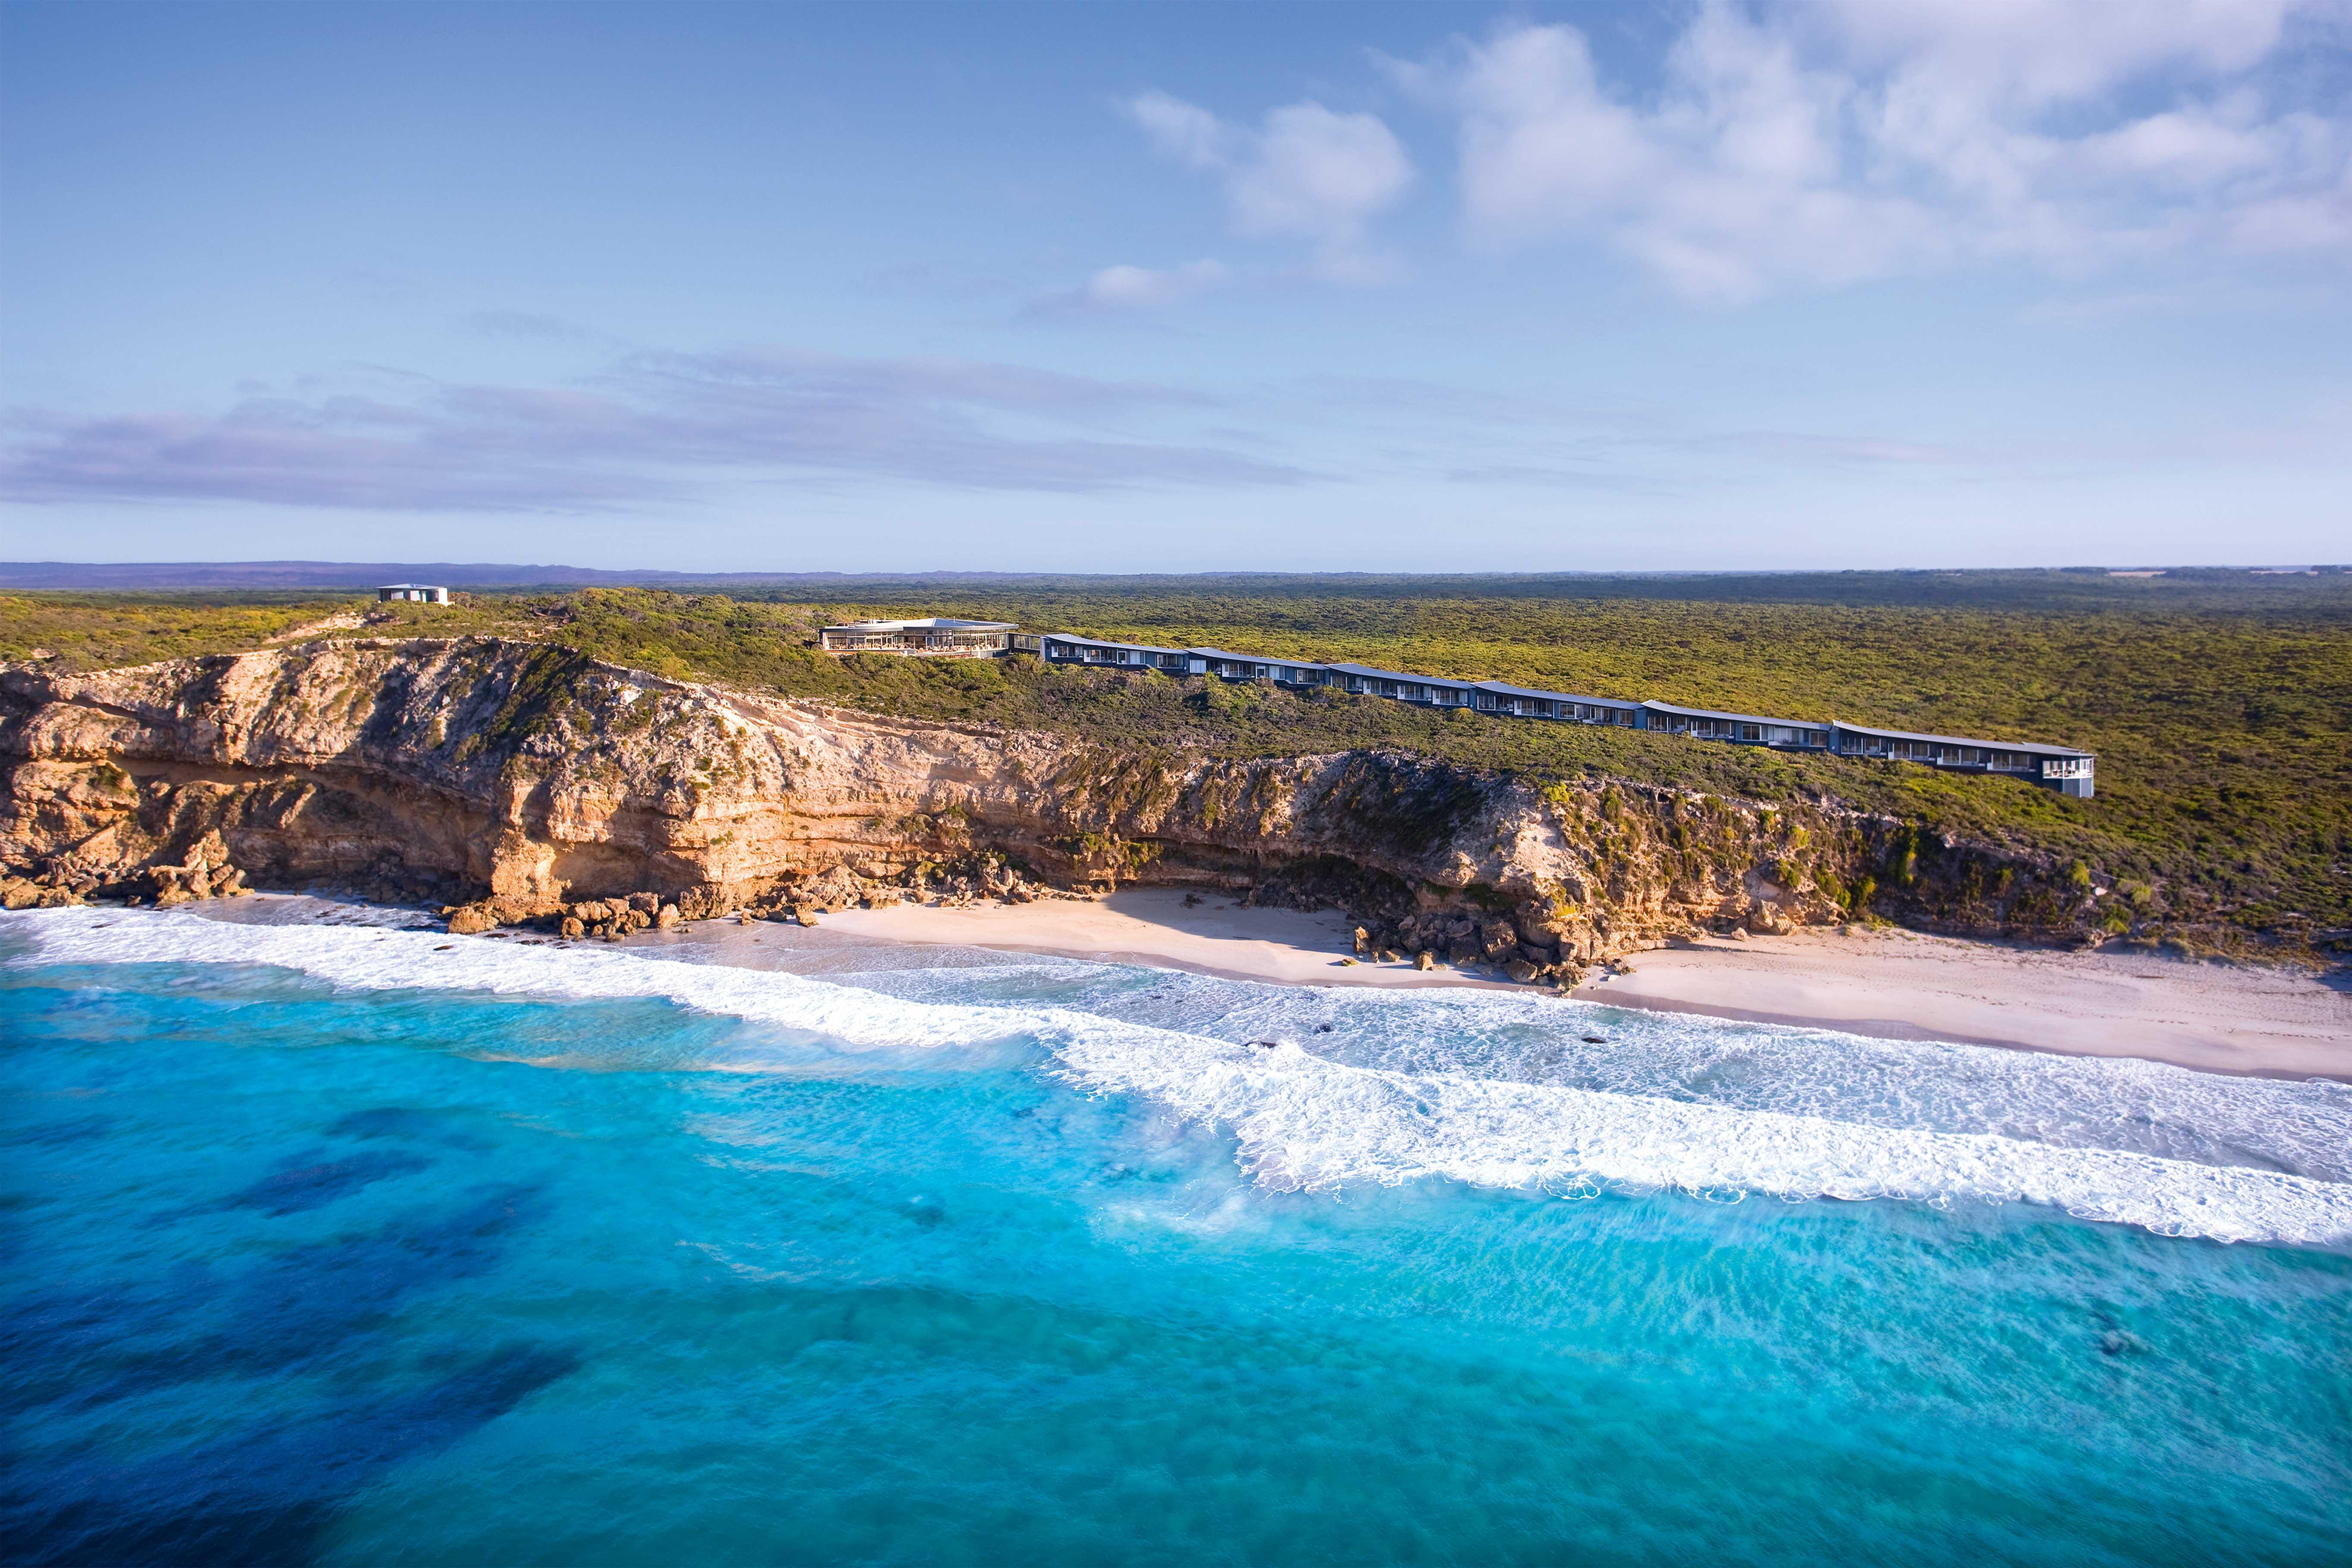 South Australia: i colori del paradiso